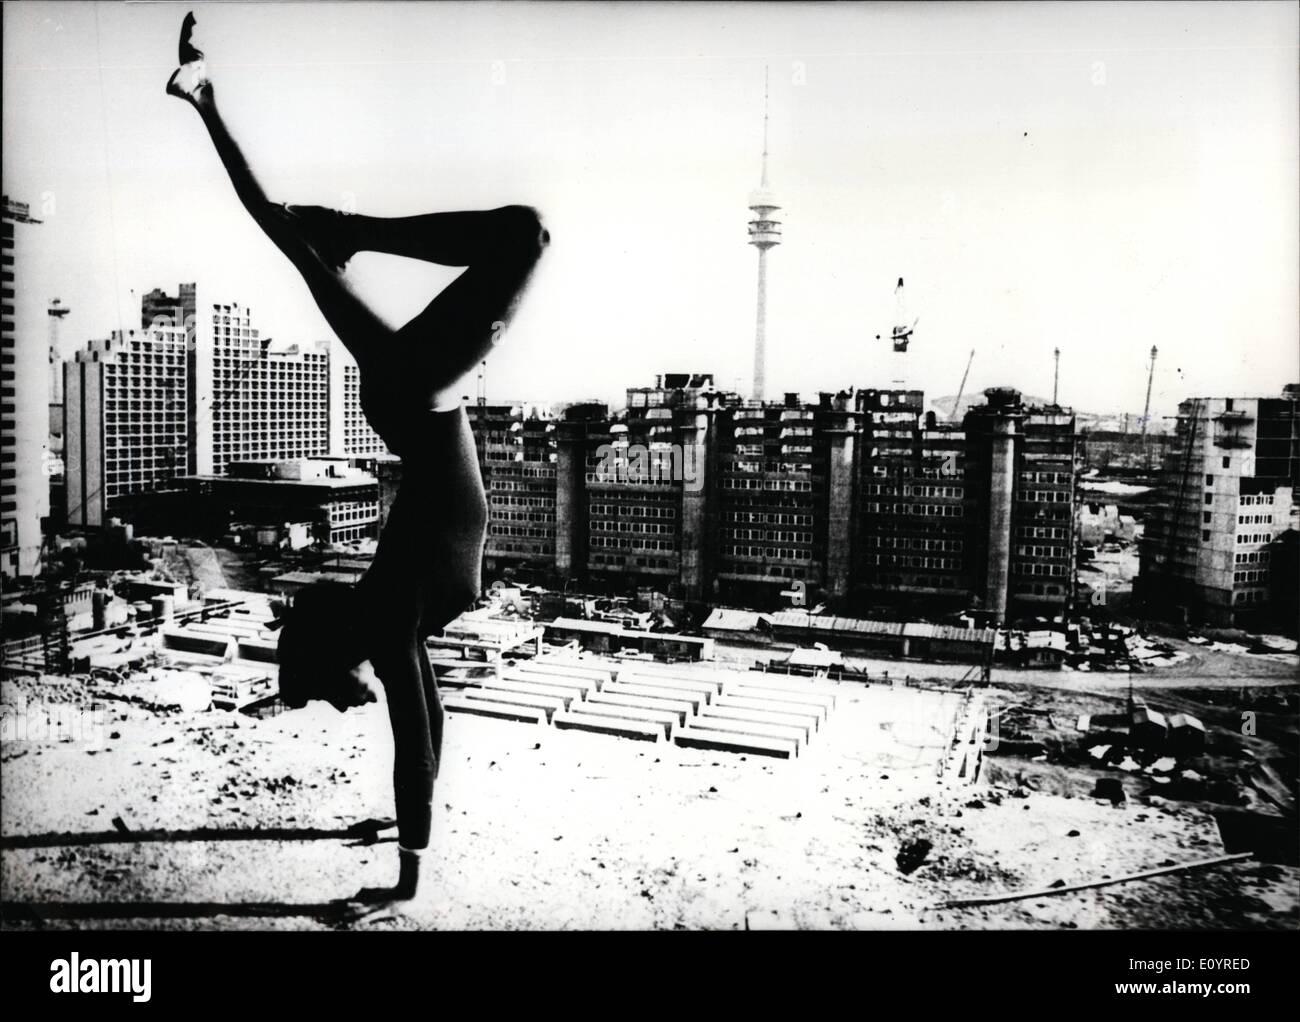 Apr. 04, 1971 - Villaggio Olimpico a Monaco di Baviera in grezzo quasi finito 17-anno-vecchio Margarete Probst ha addestrato per l'Olimpiade al terreno olimpico - tuttavia soltanto fare un favore al fotografo. In generale solo i lavoratori fanno il loro ''pratica nella ginnastica'' sul terreno olimpico. Essi sono impegnati a completare tutti i luoghi dello sport, l'enorme tetto della tenda, gli edifici per gli atleti ecc in tempo - e come tutto appare come ora ci riusciranno; grandi ritardi di tempo non sono ancora noti Immagini Stock